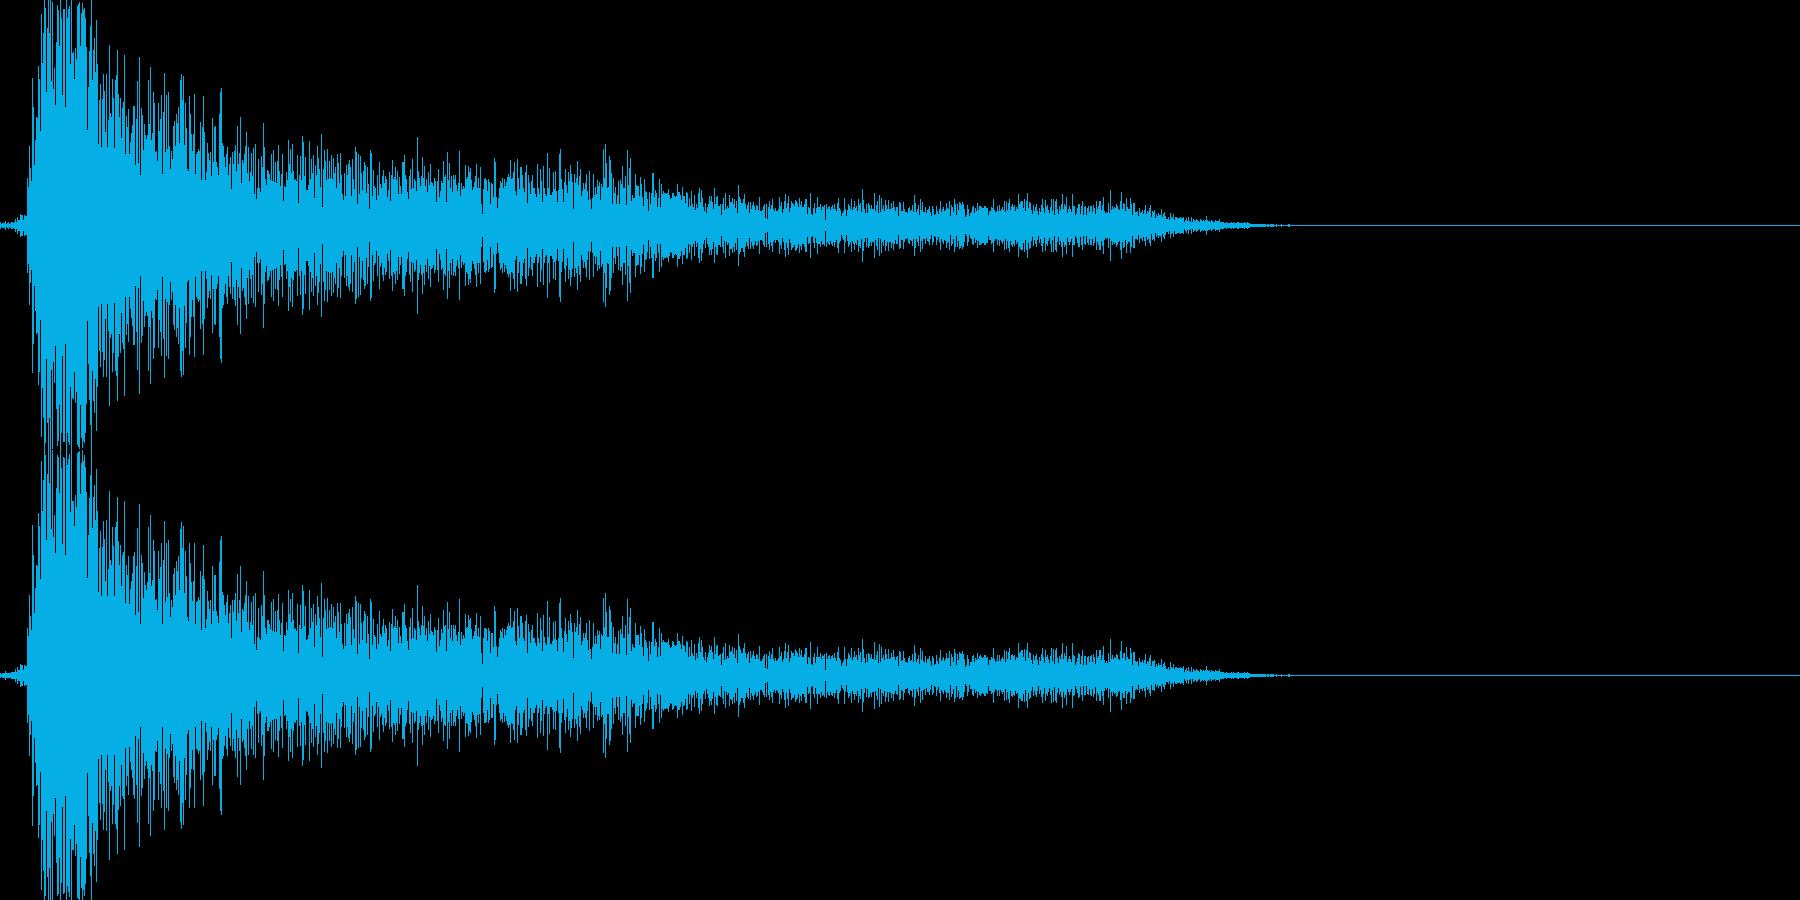 レトロゲームの金属音(剣で攻撃など)の再生済みの波形